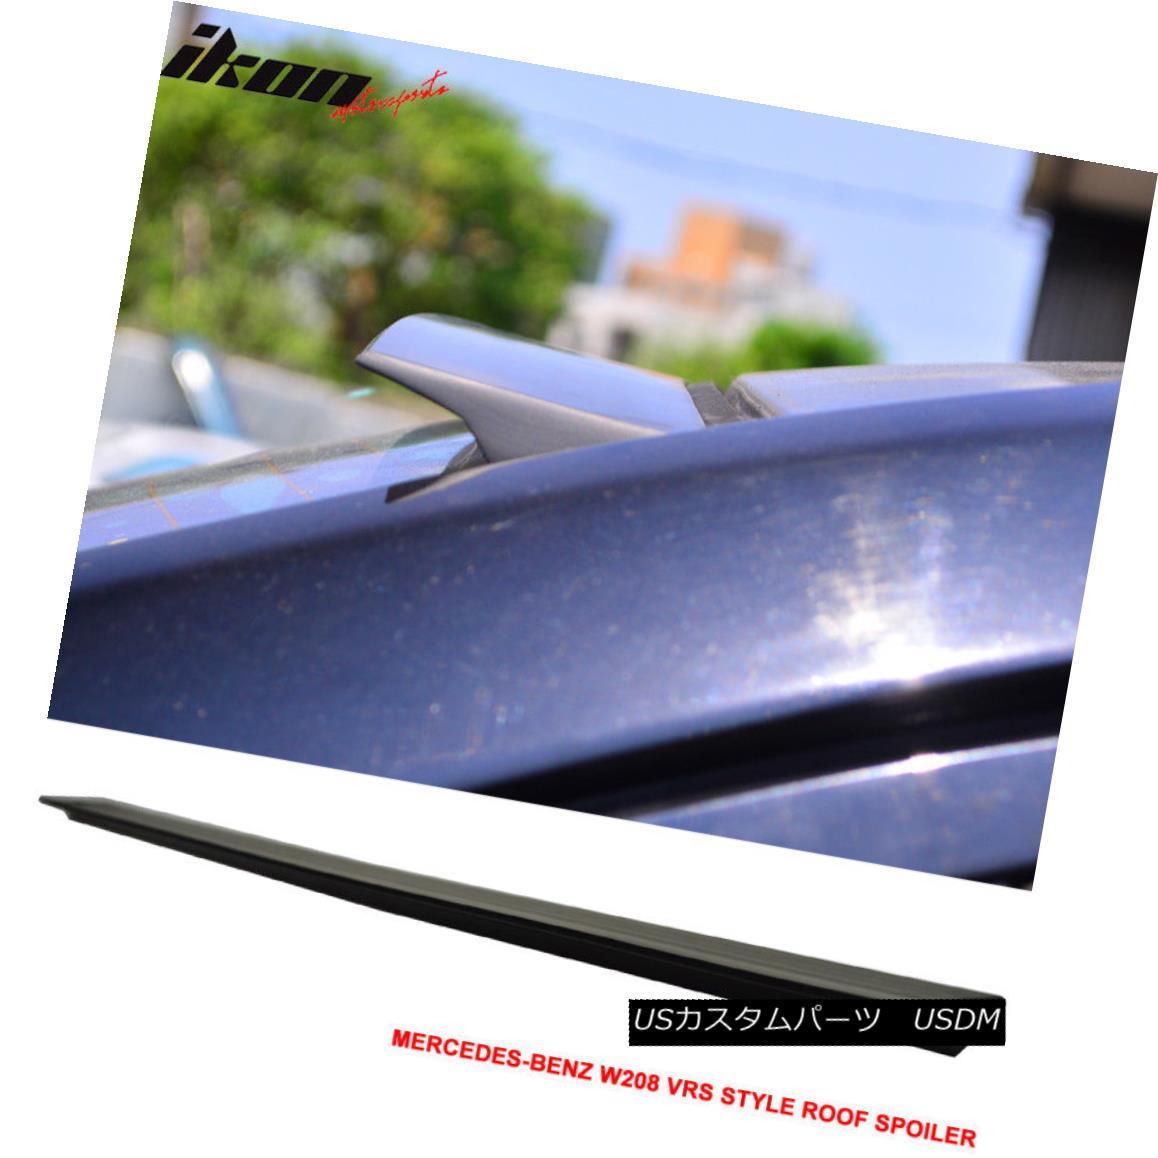 エアロパーツ For 98-02 BENZ W208 2DR VRS Style Roof Spoiler Wing Unpainted - PUF 98-02用BENZ W208 2DR VRSスタイルルーフスポイラーウイング無塗装 - PUF